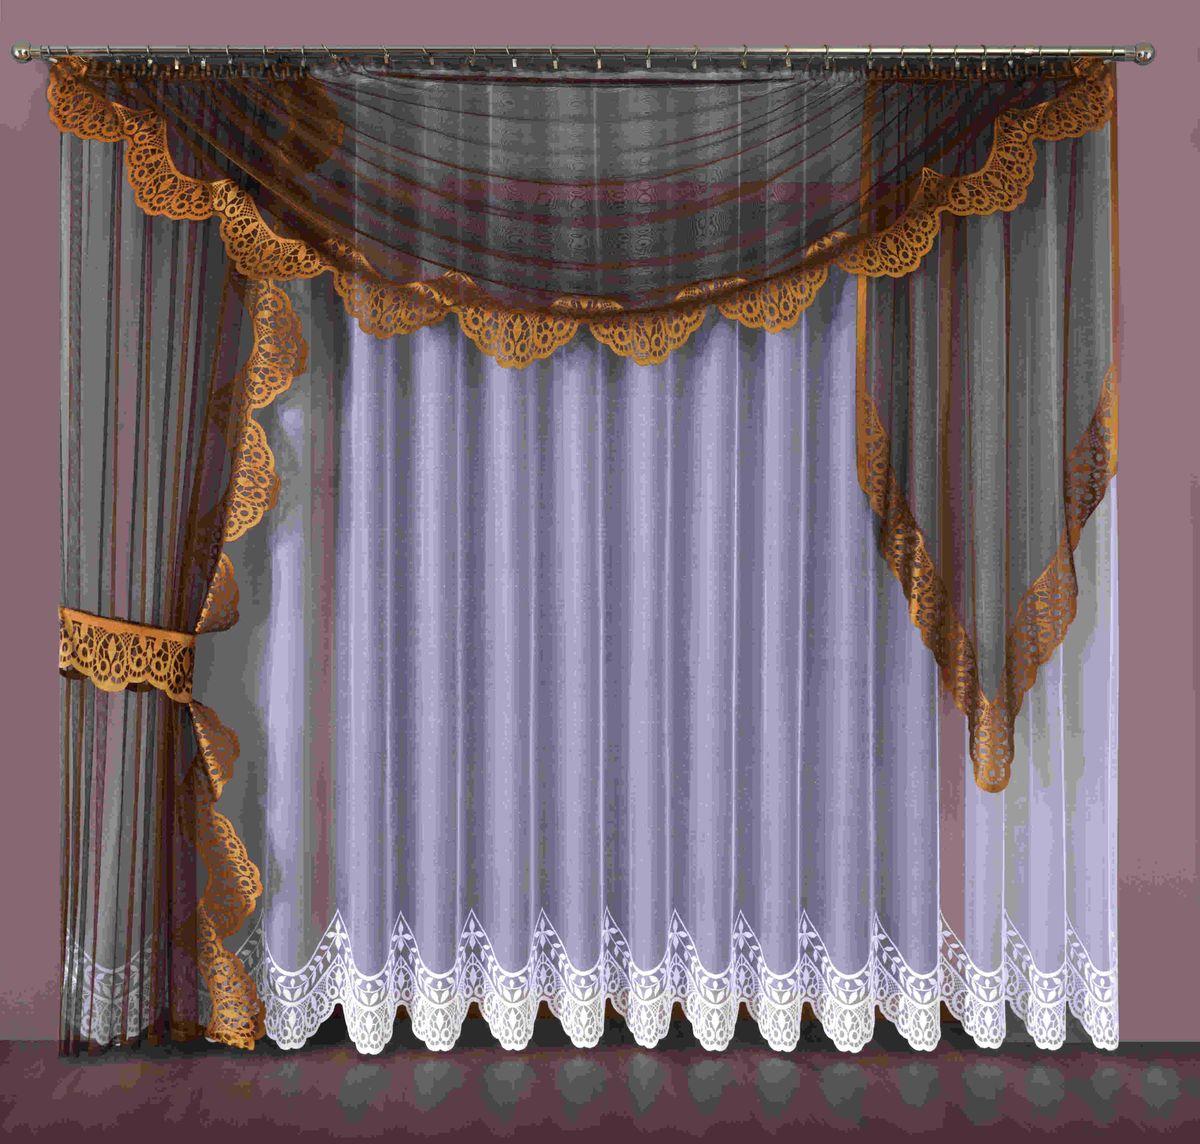 Комплект штор Wisan Aspazja, на ленте, цвет: белый, коричневый, высота 250 см194WКомплект штор Wisan Aspazja выполненный из полиэстера, великолепно украсит любое окно. В комплект входят 2 шторы, тюль, ламбрекен и 2 подхвата. Интересный крой придает комплекту особый стиль и шарм. Тонкое плетение, нежная цветовая гамма и роскошное исполнение - все это делает шторы Wisan Aspazja замечательным дополнением интерьера помещения. Комплект оснащен шторной лентой для красивой сборки. В комплект входит: Штора - 1 шт. Размер (ШхВ): 145 см х 250 см. Штора - 1 шт. Размер (ШхВ): 100 см х 90 см. Тюль - 1 шт. Размер (ШхВ): 400 см х 250 см. Ламбрекен - 1 шт. Размер (ШхВ): 330 см х 145 см. Подхват - 1 шт. Фирма Wisan на польском рынке существует уже более пятидесяти лет и является одной из лучших польских фабрик по производству штор и тканей. Ассортимент фирмы представлен готовыми комплектами штор для гостиной, детской, кухни, а также текстилем для кухни (скатерти, салфетки, дорожки, кухонные занавески)....